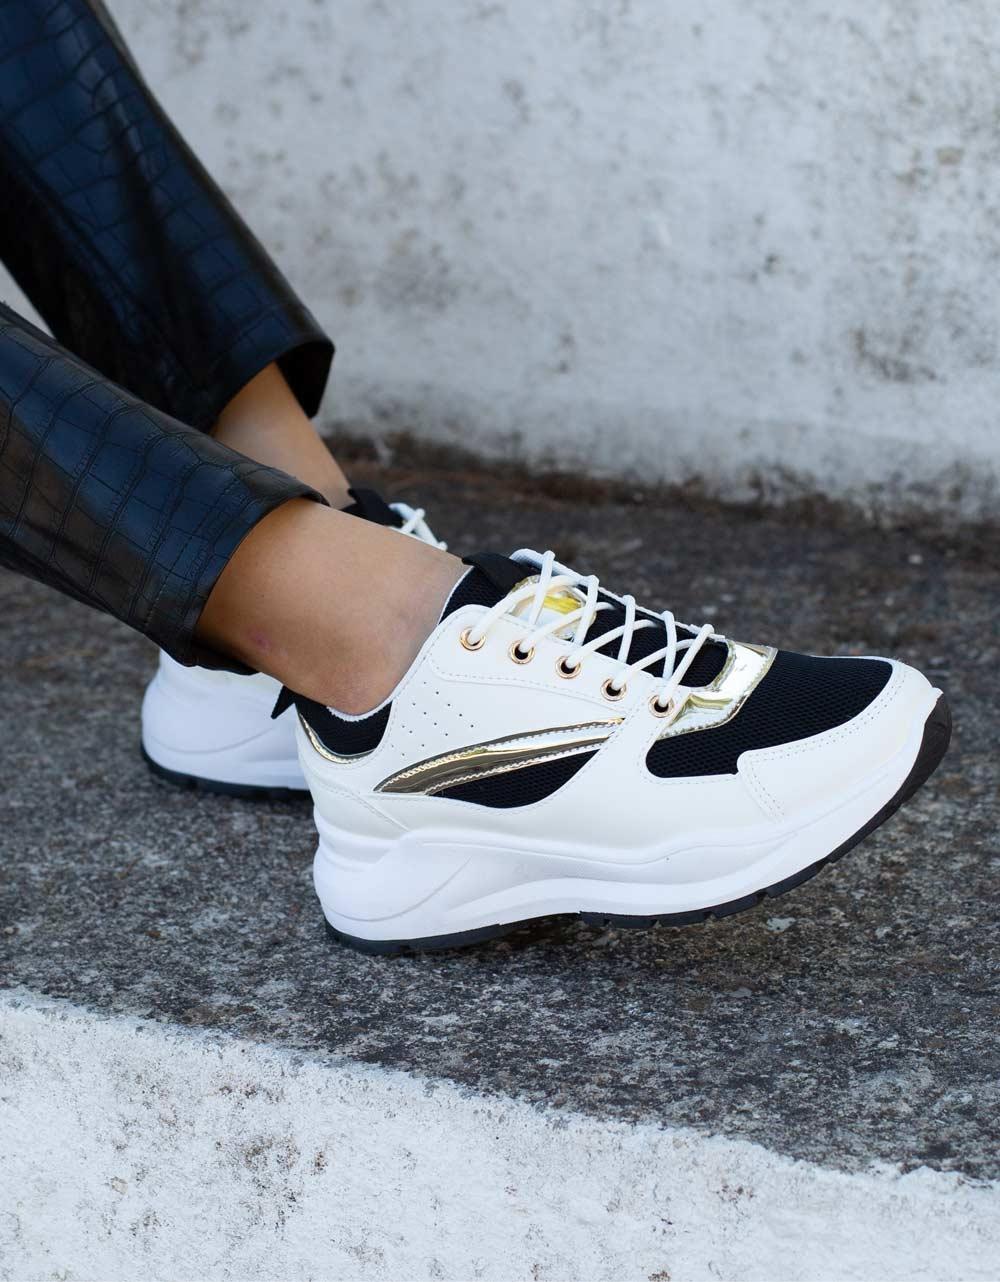 Εικόνα από Γυναικεία sneakers με ανάγλυφες λεπτομέρειες Λευκό/Μαύρο